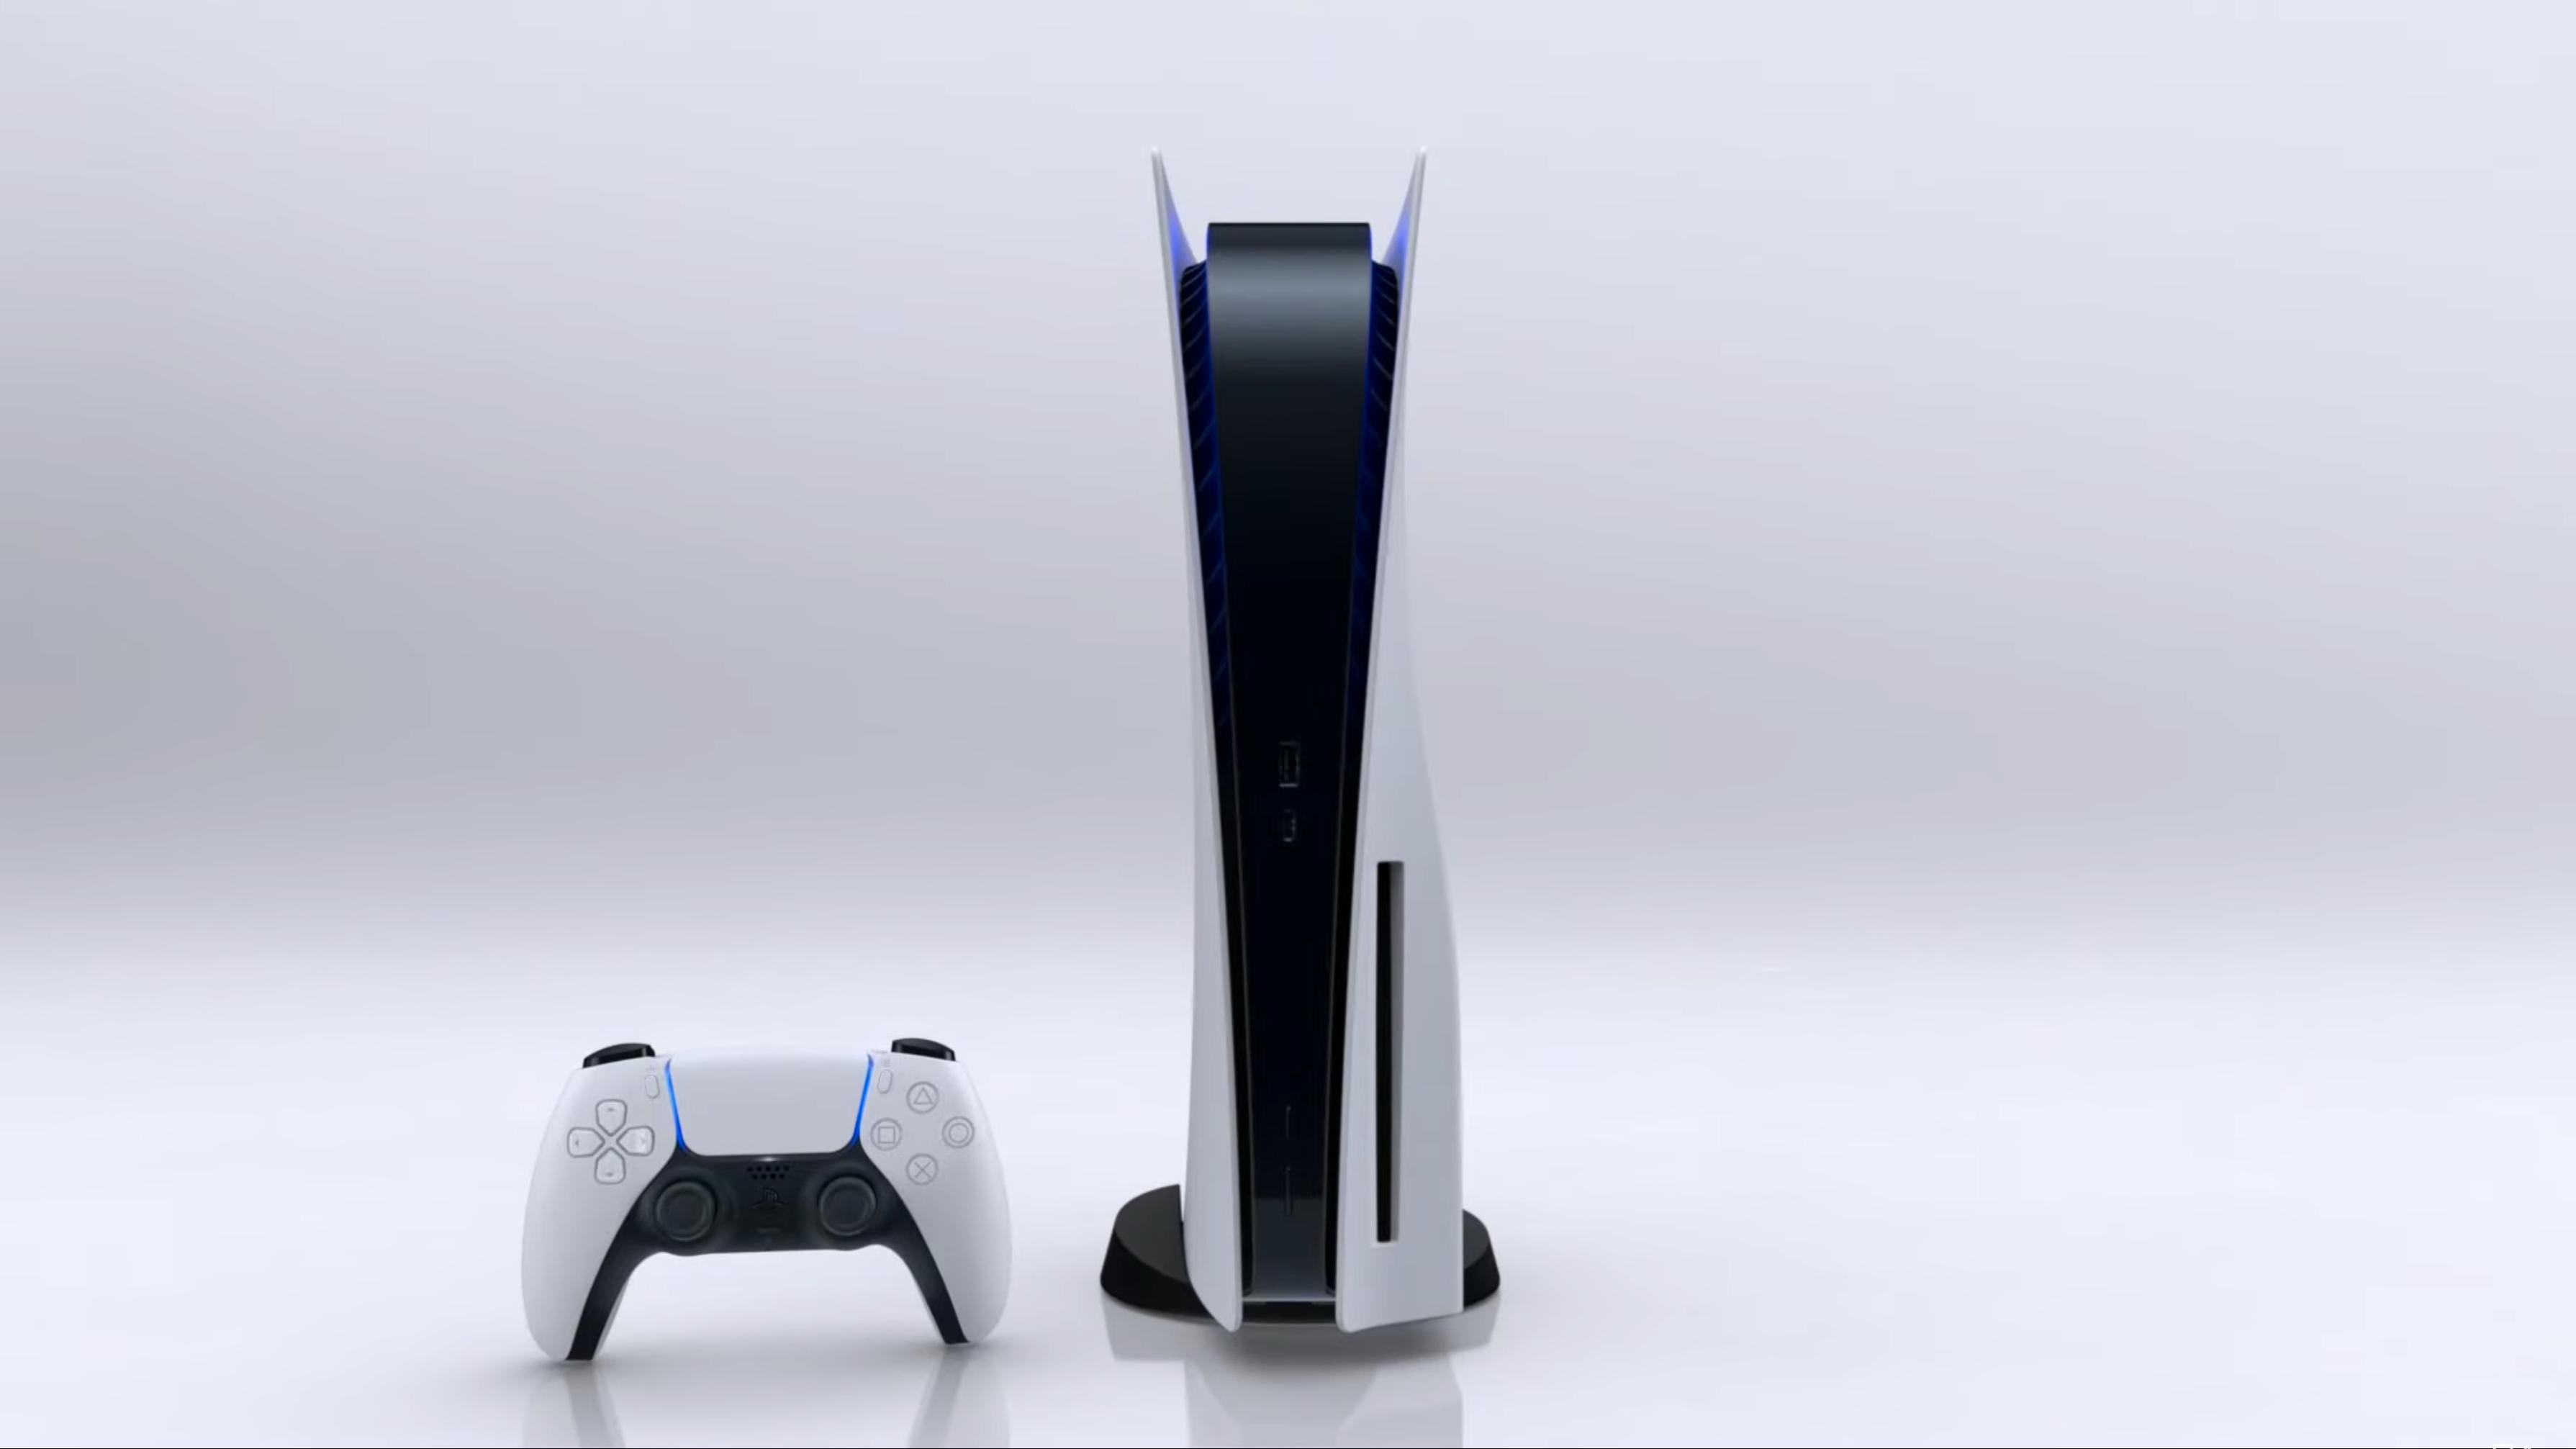 Hevder Sony øker Playstation 5-produksjonen drastisk